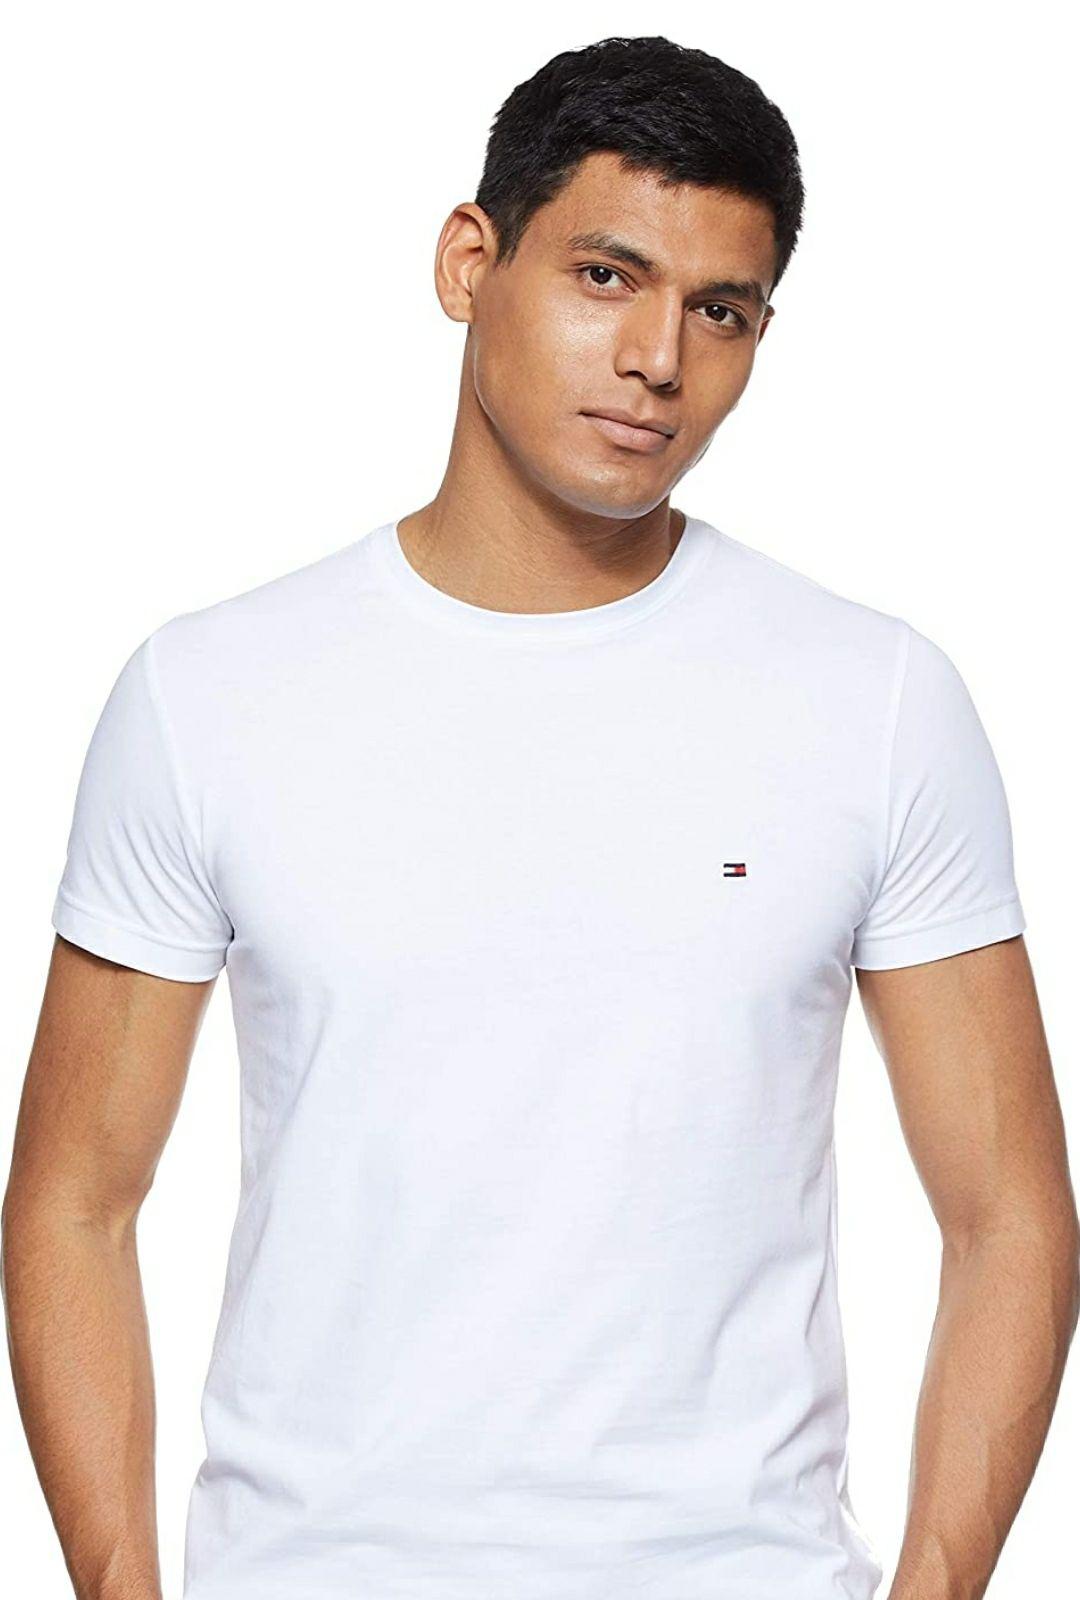 Camiseta Tommy Hilfiger. Tallas M y L. Talla S en gris a ese precio. Valoraciones muy buenas